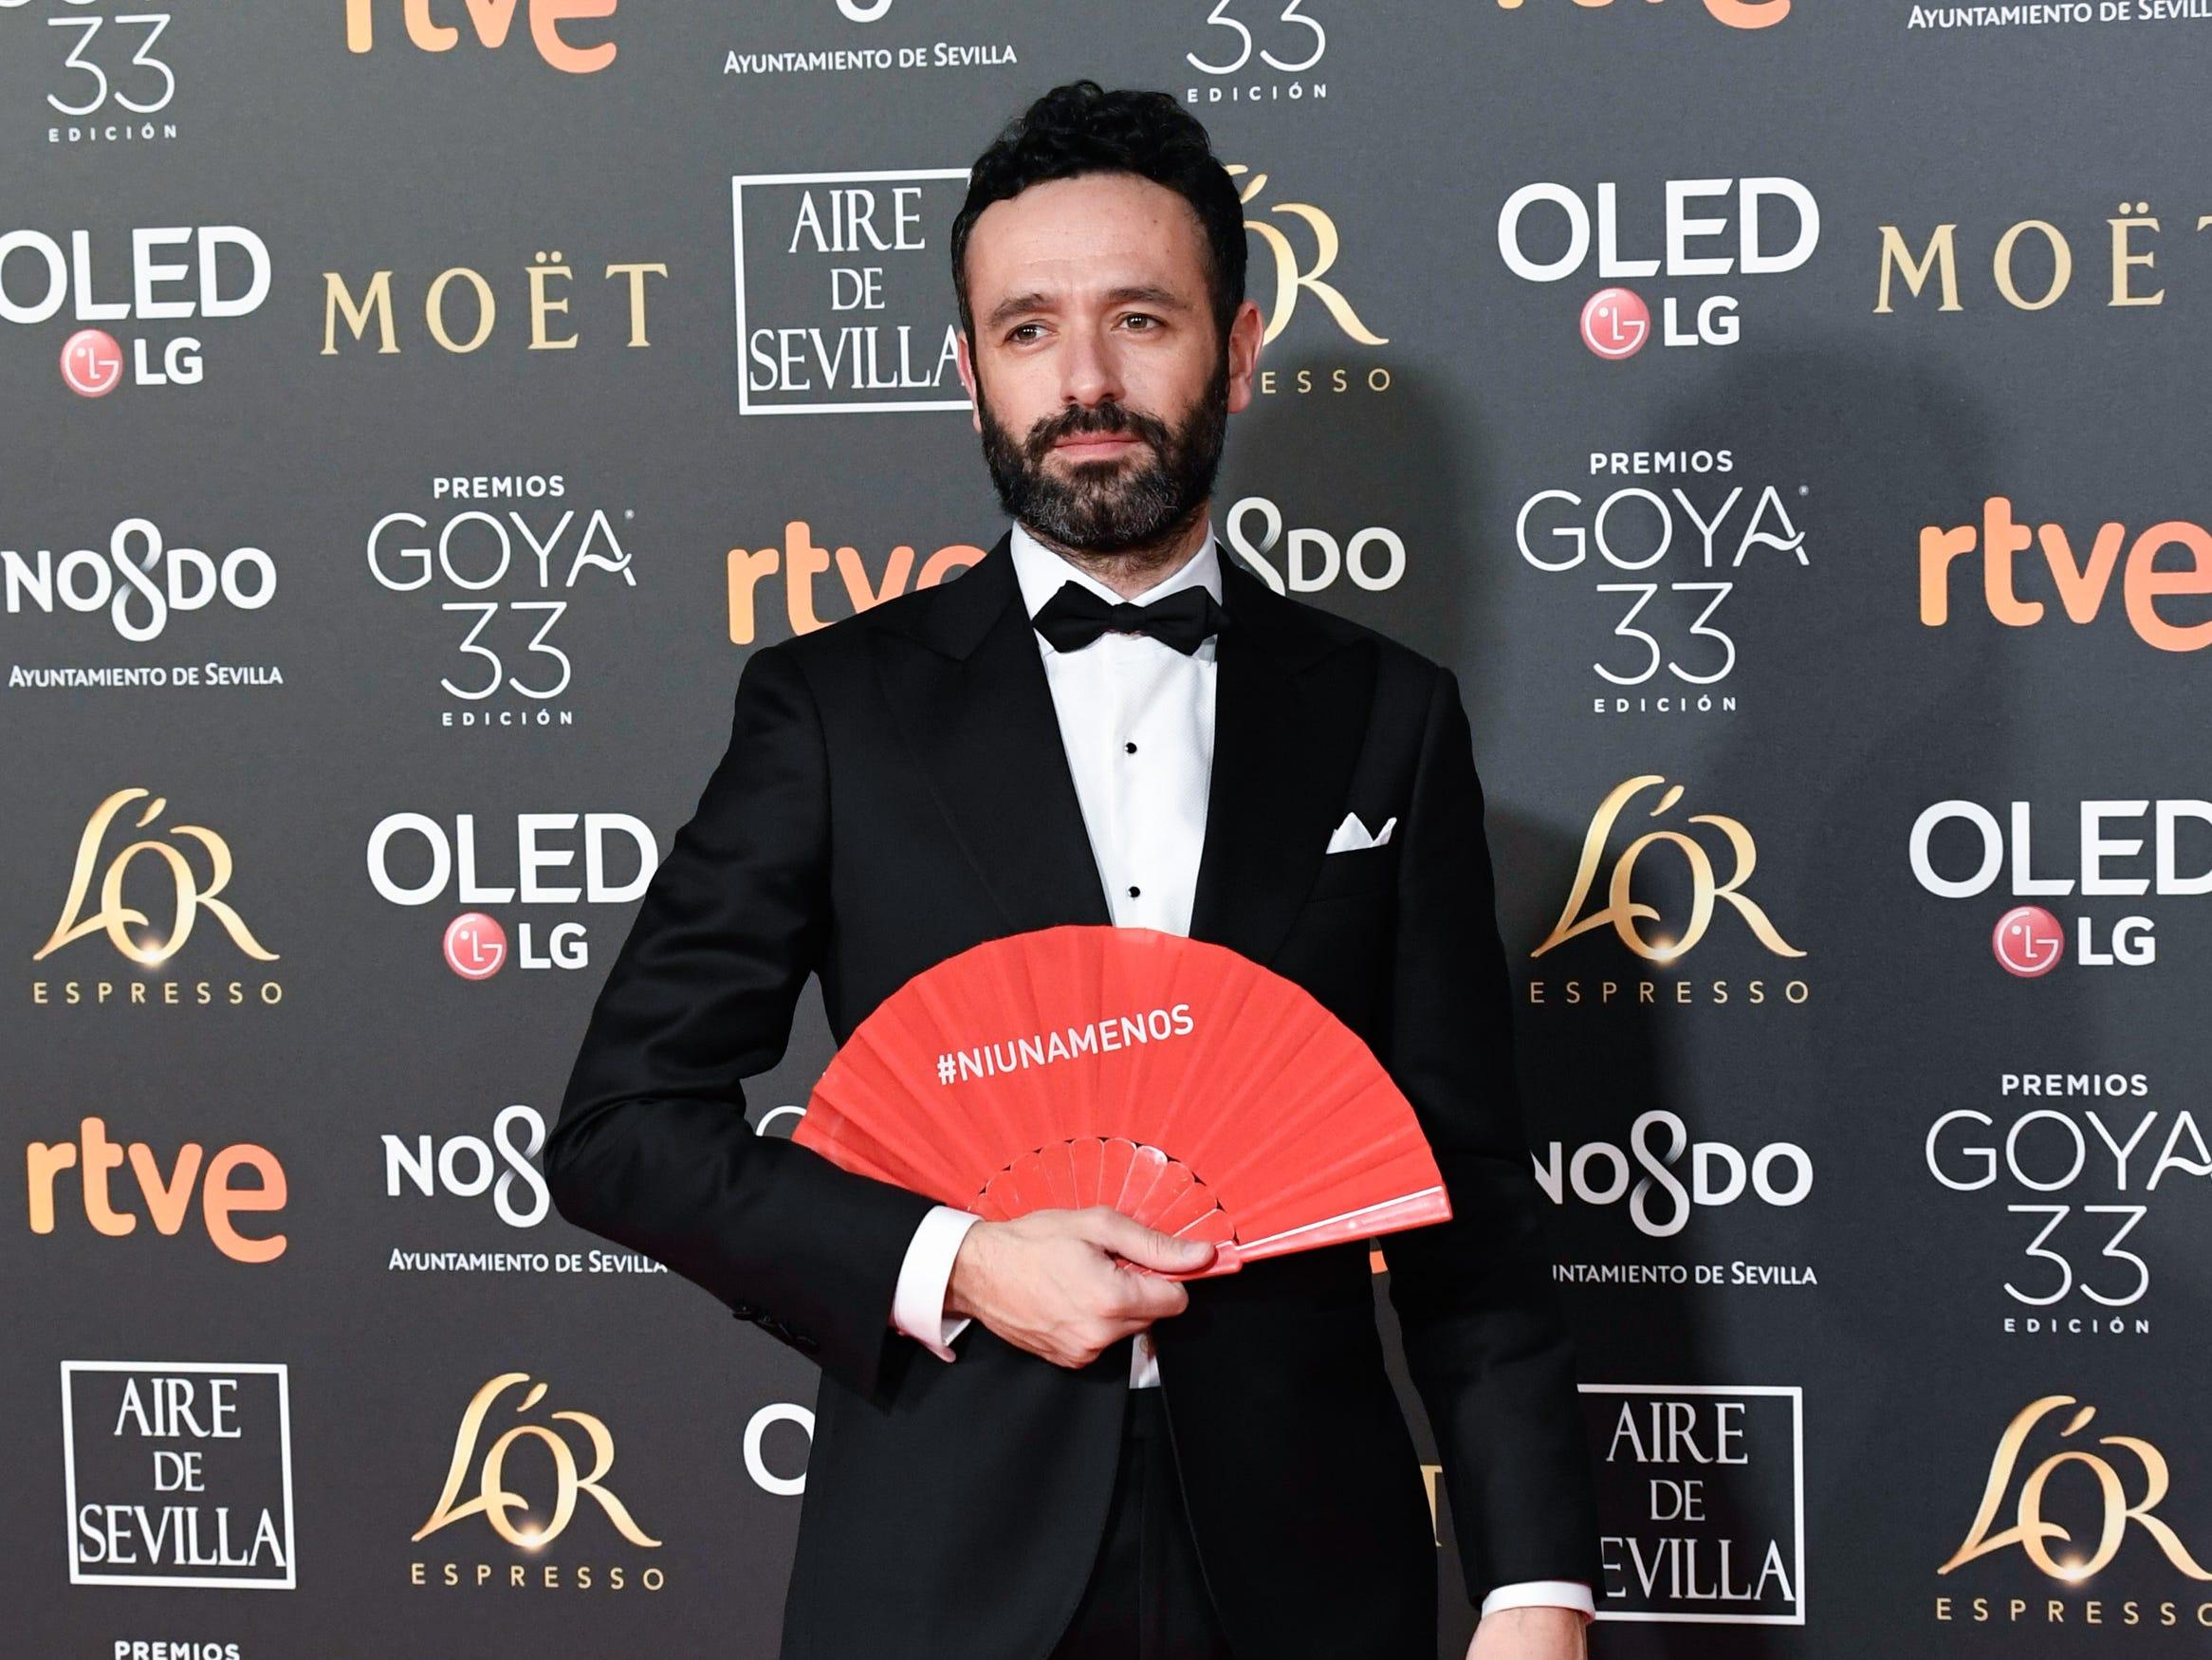 Rodrigo Sorogoyen asiste a la 33ª edición de los Premios de Cine Goya en el Palacio de Congresos y Exposiciones FIBES el 2 de febrero de 2019 en Sevilla, España.